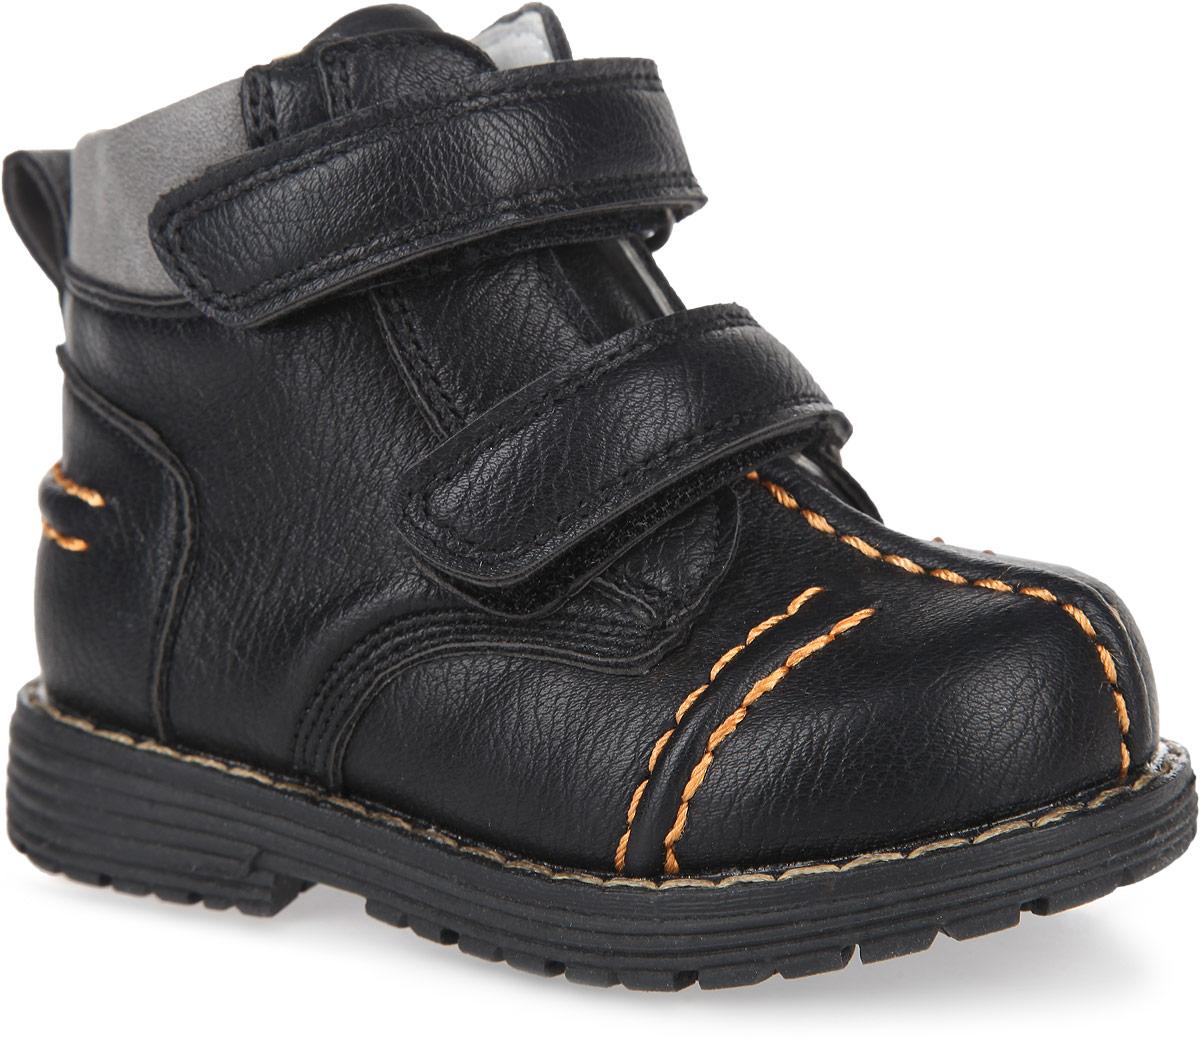 167207Модные ботинки от PlayToday заинтересуют вашего мальчика с первого взгляда. Модель, выполненная из искусственной кожи, оформлена внешними декоративными швами, вдоль ранта - контрастной прострочкой. Ремешки с застежками-липучками гарантируют надежную фиксацию модели на ноге. Боковая застежка-молния позволяет легко снимать и обувать модель. Ярлычок облегчает обувание модели. Внутренняя поверхность из натуральной кожи и стелька EVA с поверхностью из натуральной кожи комфортны при ходьбе. Стелька дополнена супинатором с перфорацией, который обеспечивает правильное положение ноги ребенка при ходьбе, предотвращает плоскостопие. Рифление на подошве обеспечивает отличное сцепление с любыми поверхностями. Чудесные ботинки займут достойное место в гардеробе вашего мальчика.